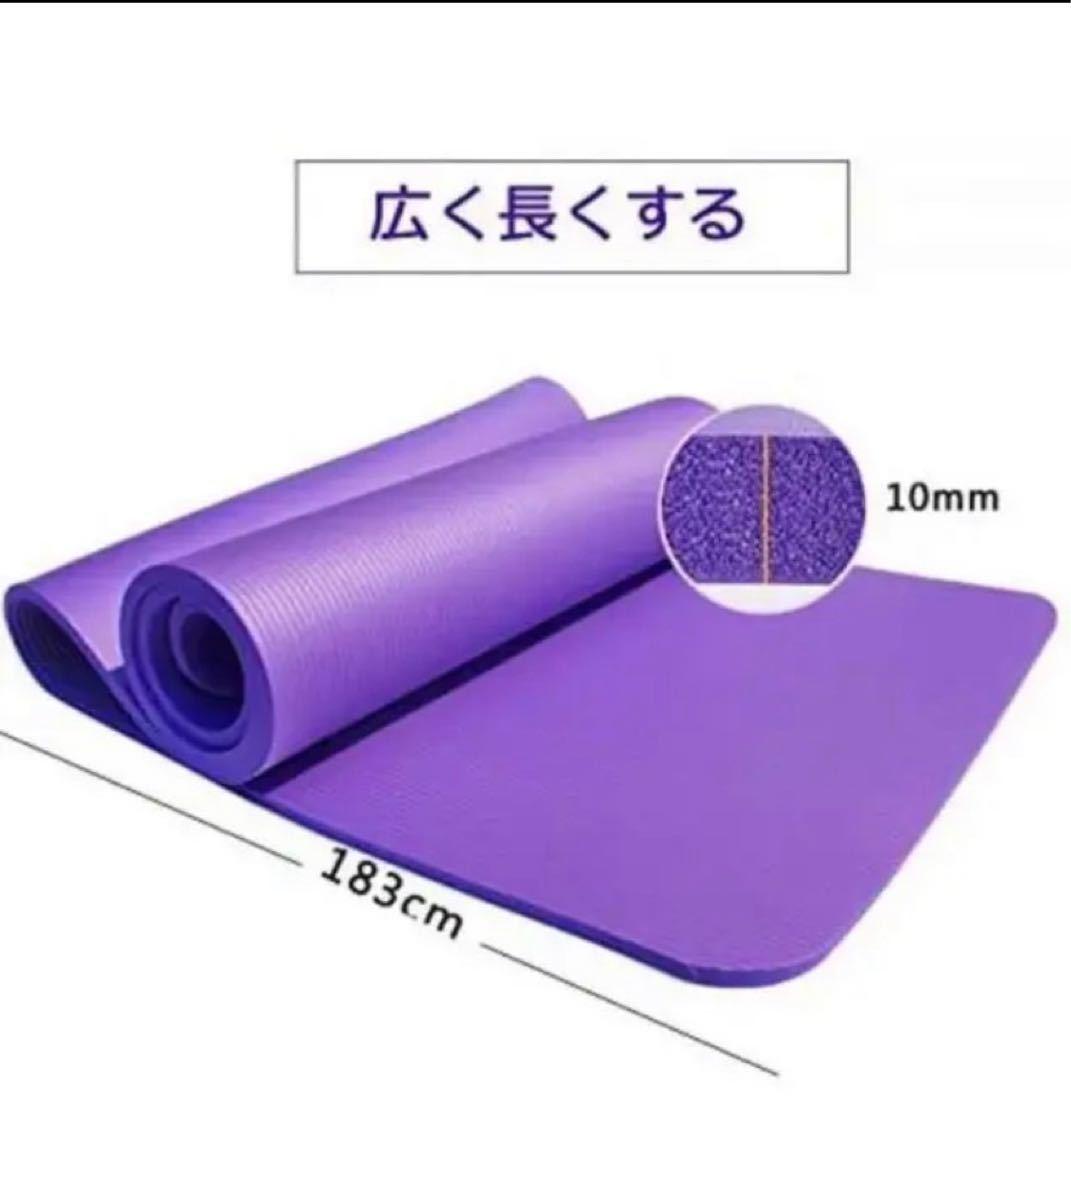 ヨガマット 10mm ゴムマット 筋トレ マット 極厚 エクササイズ ピンク